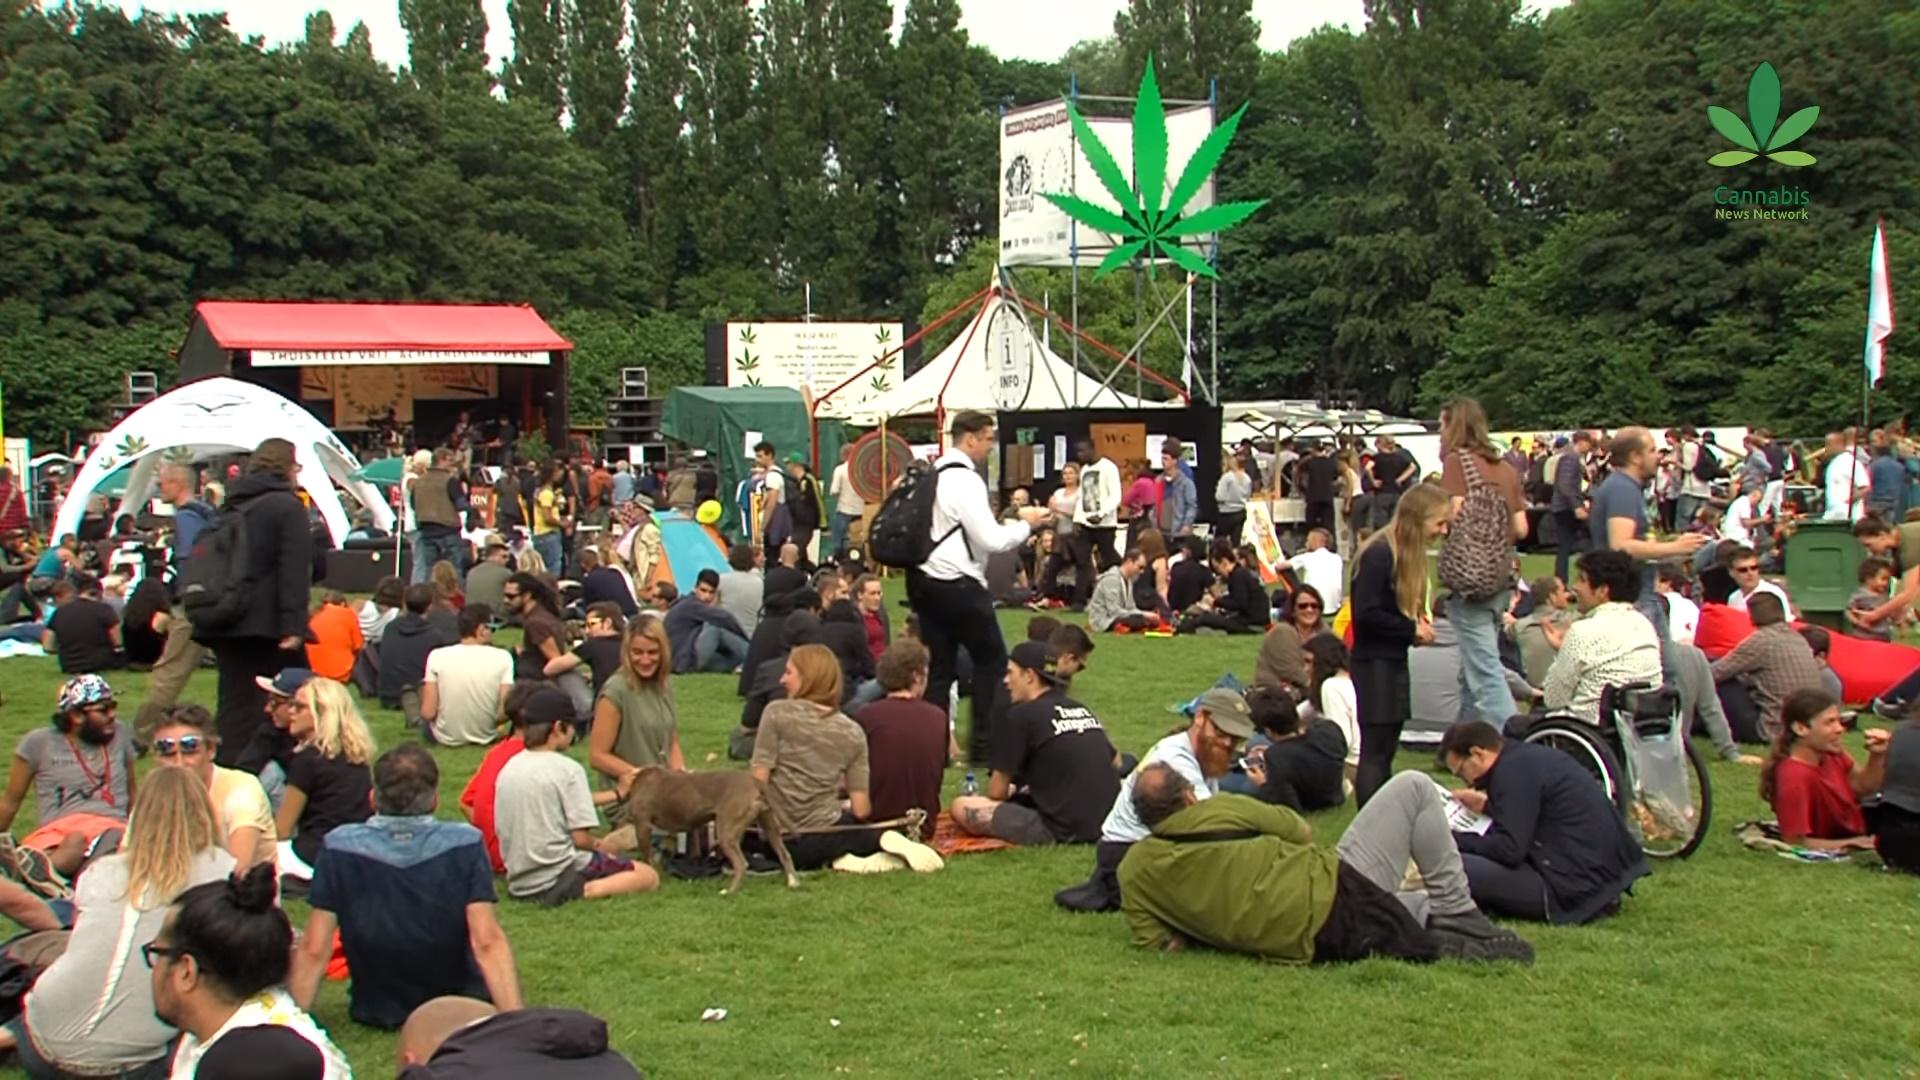 Марихуаны голландия фестиваль ашане конопля в